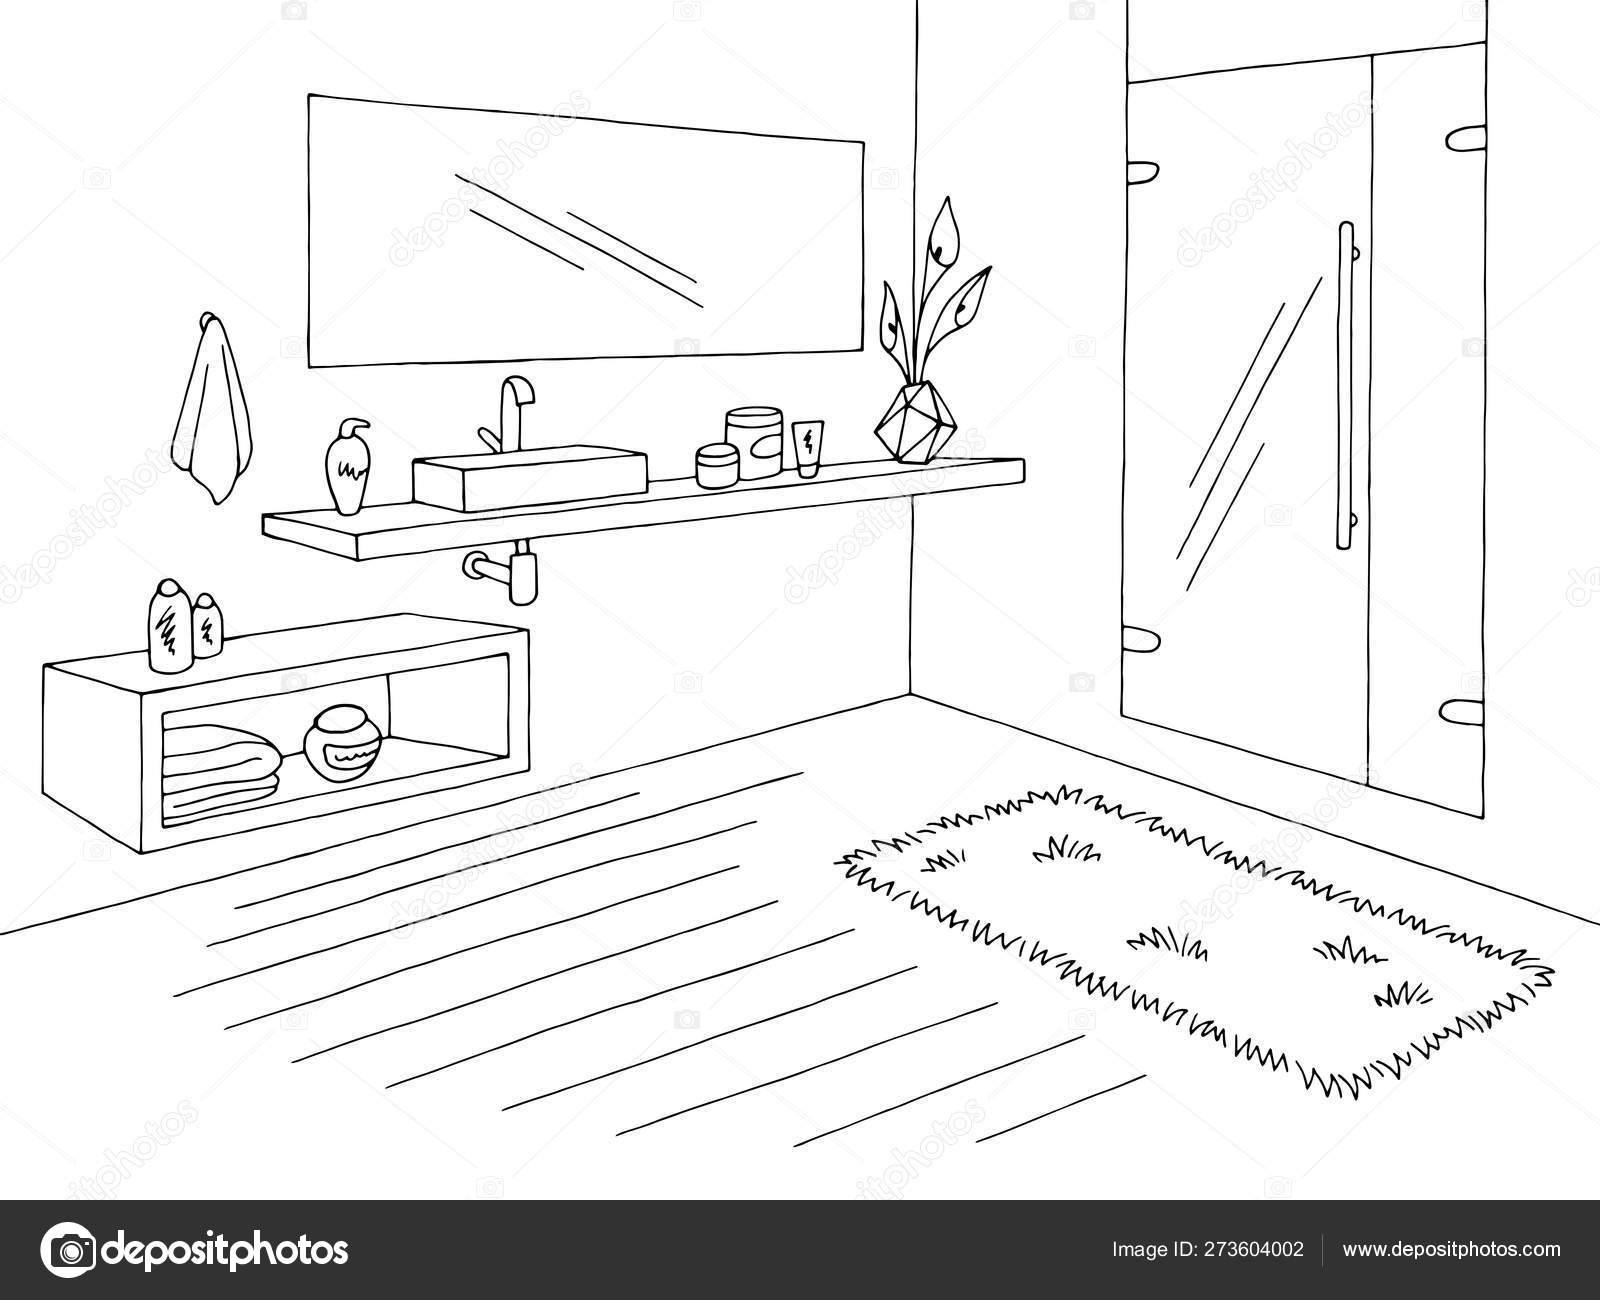 Badkamer Grafisch Huis Interieur Zwart Wit Schets Illustratie Vector Vectorafbeelding Door C Aluna11 Vectorstock 273604002